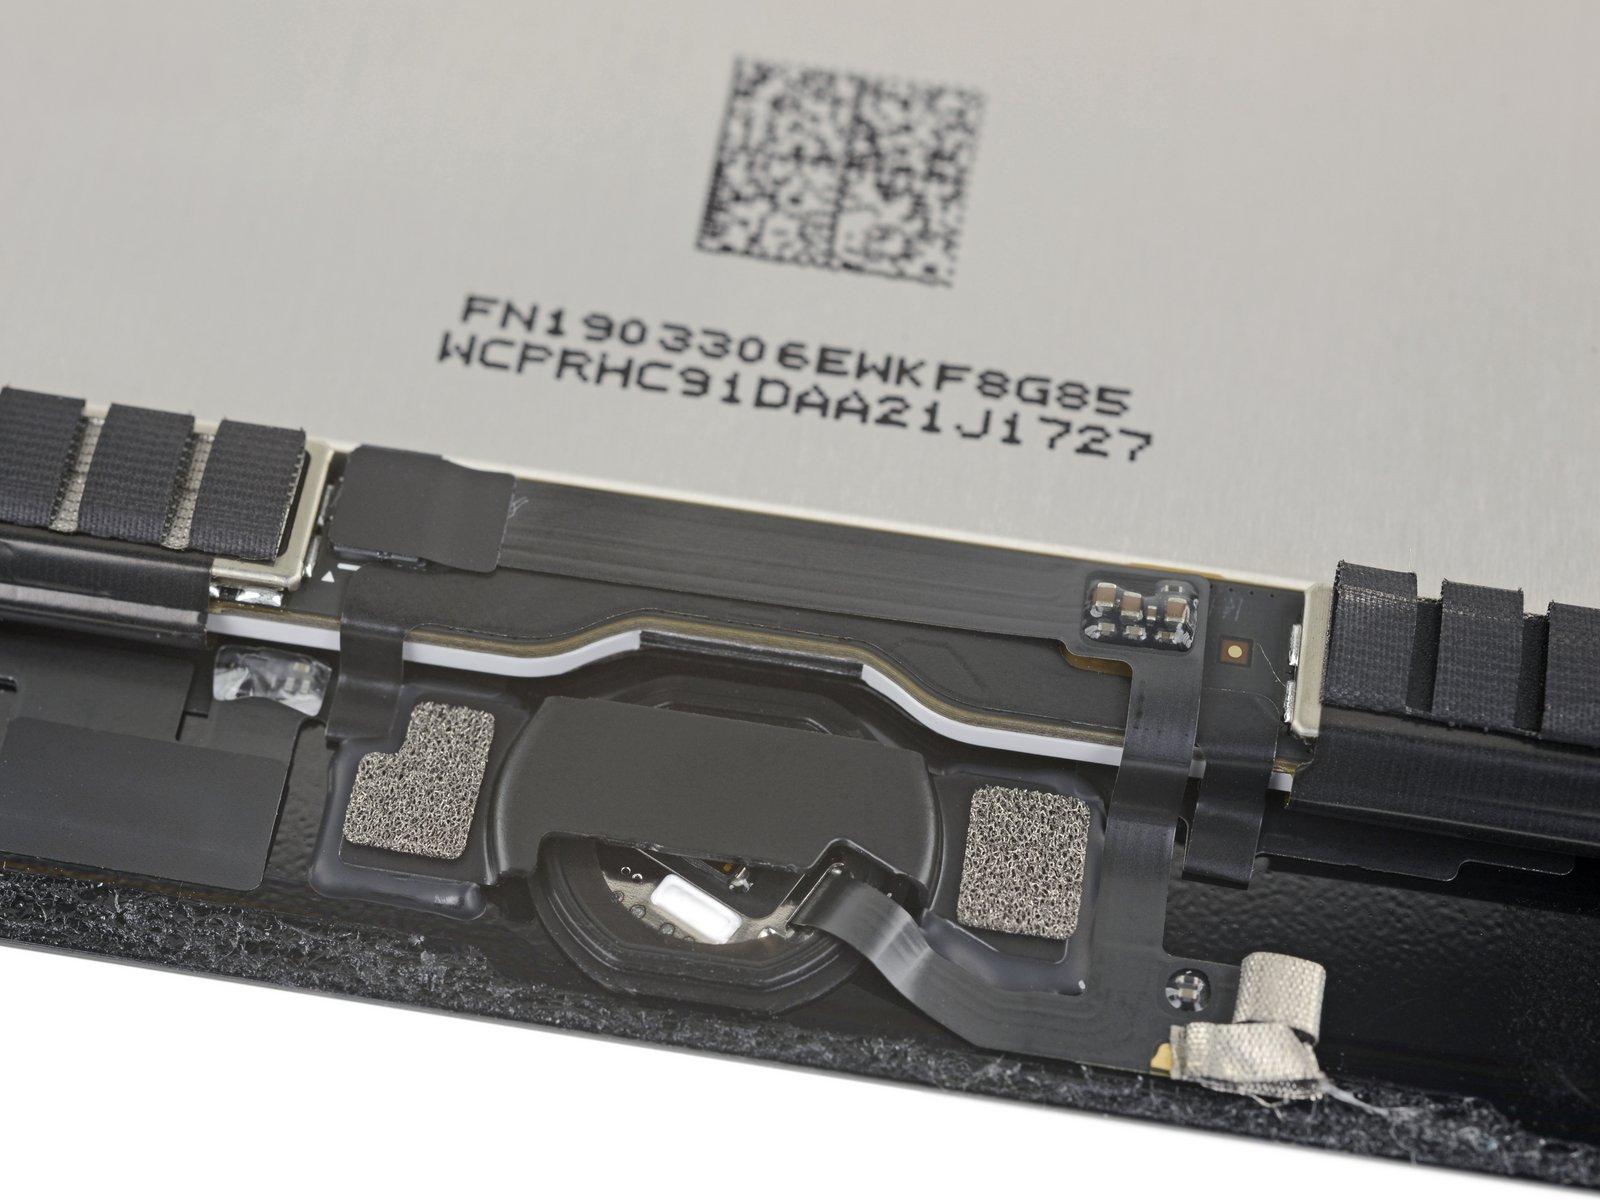 The New Ipad Mini Teardown Finds A Reworked Ipad Mini 4